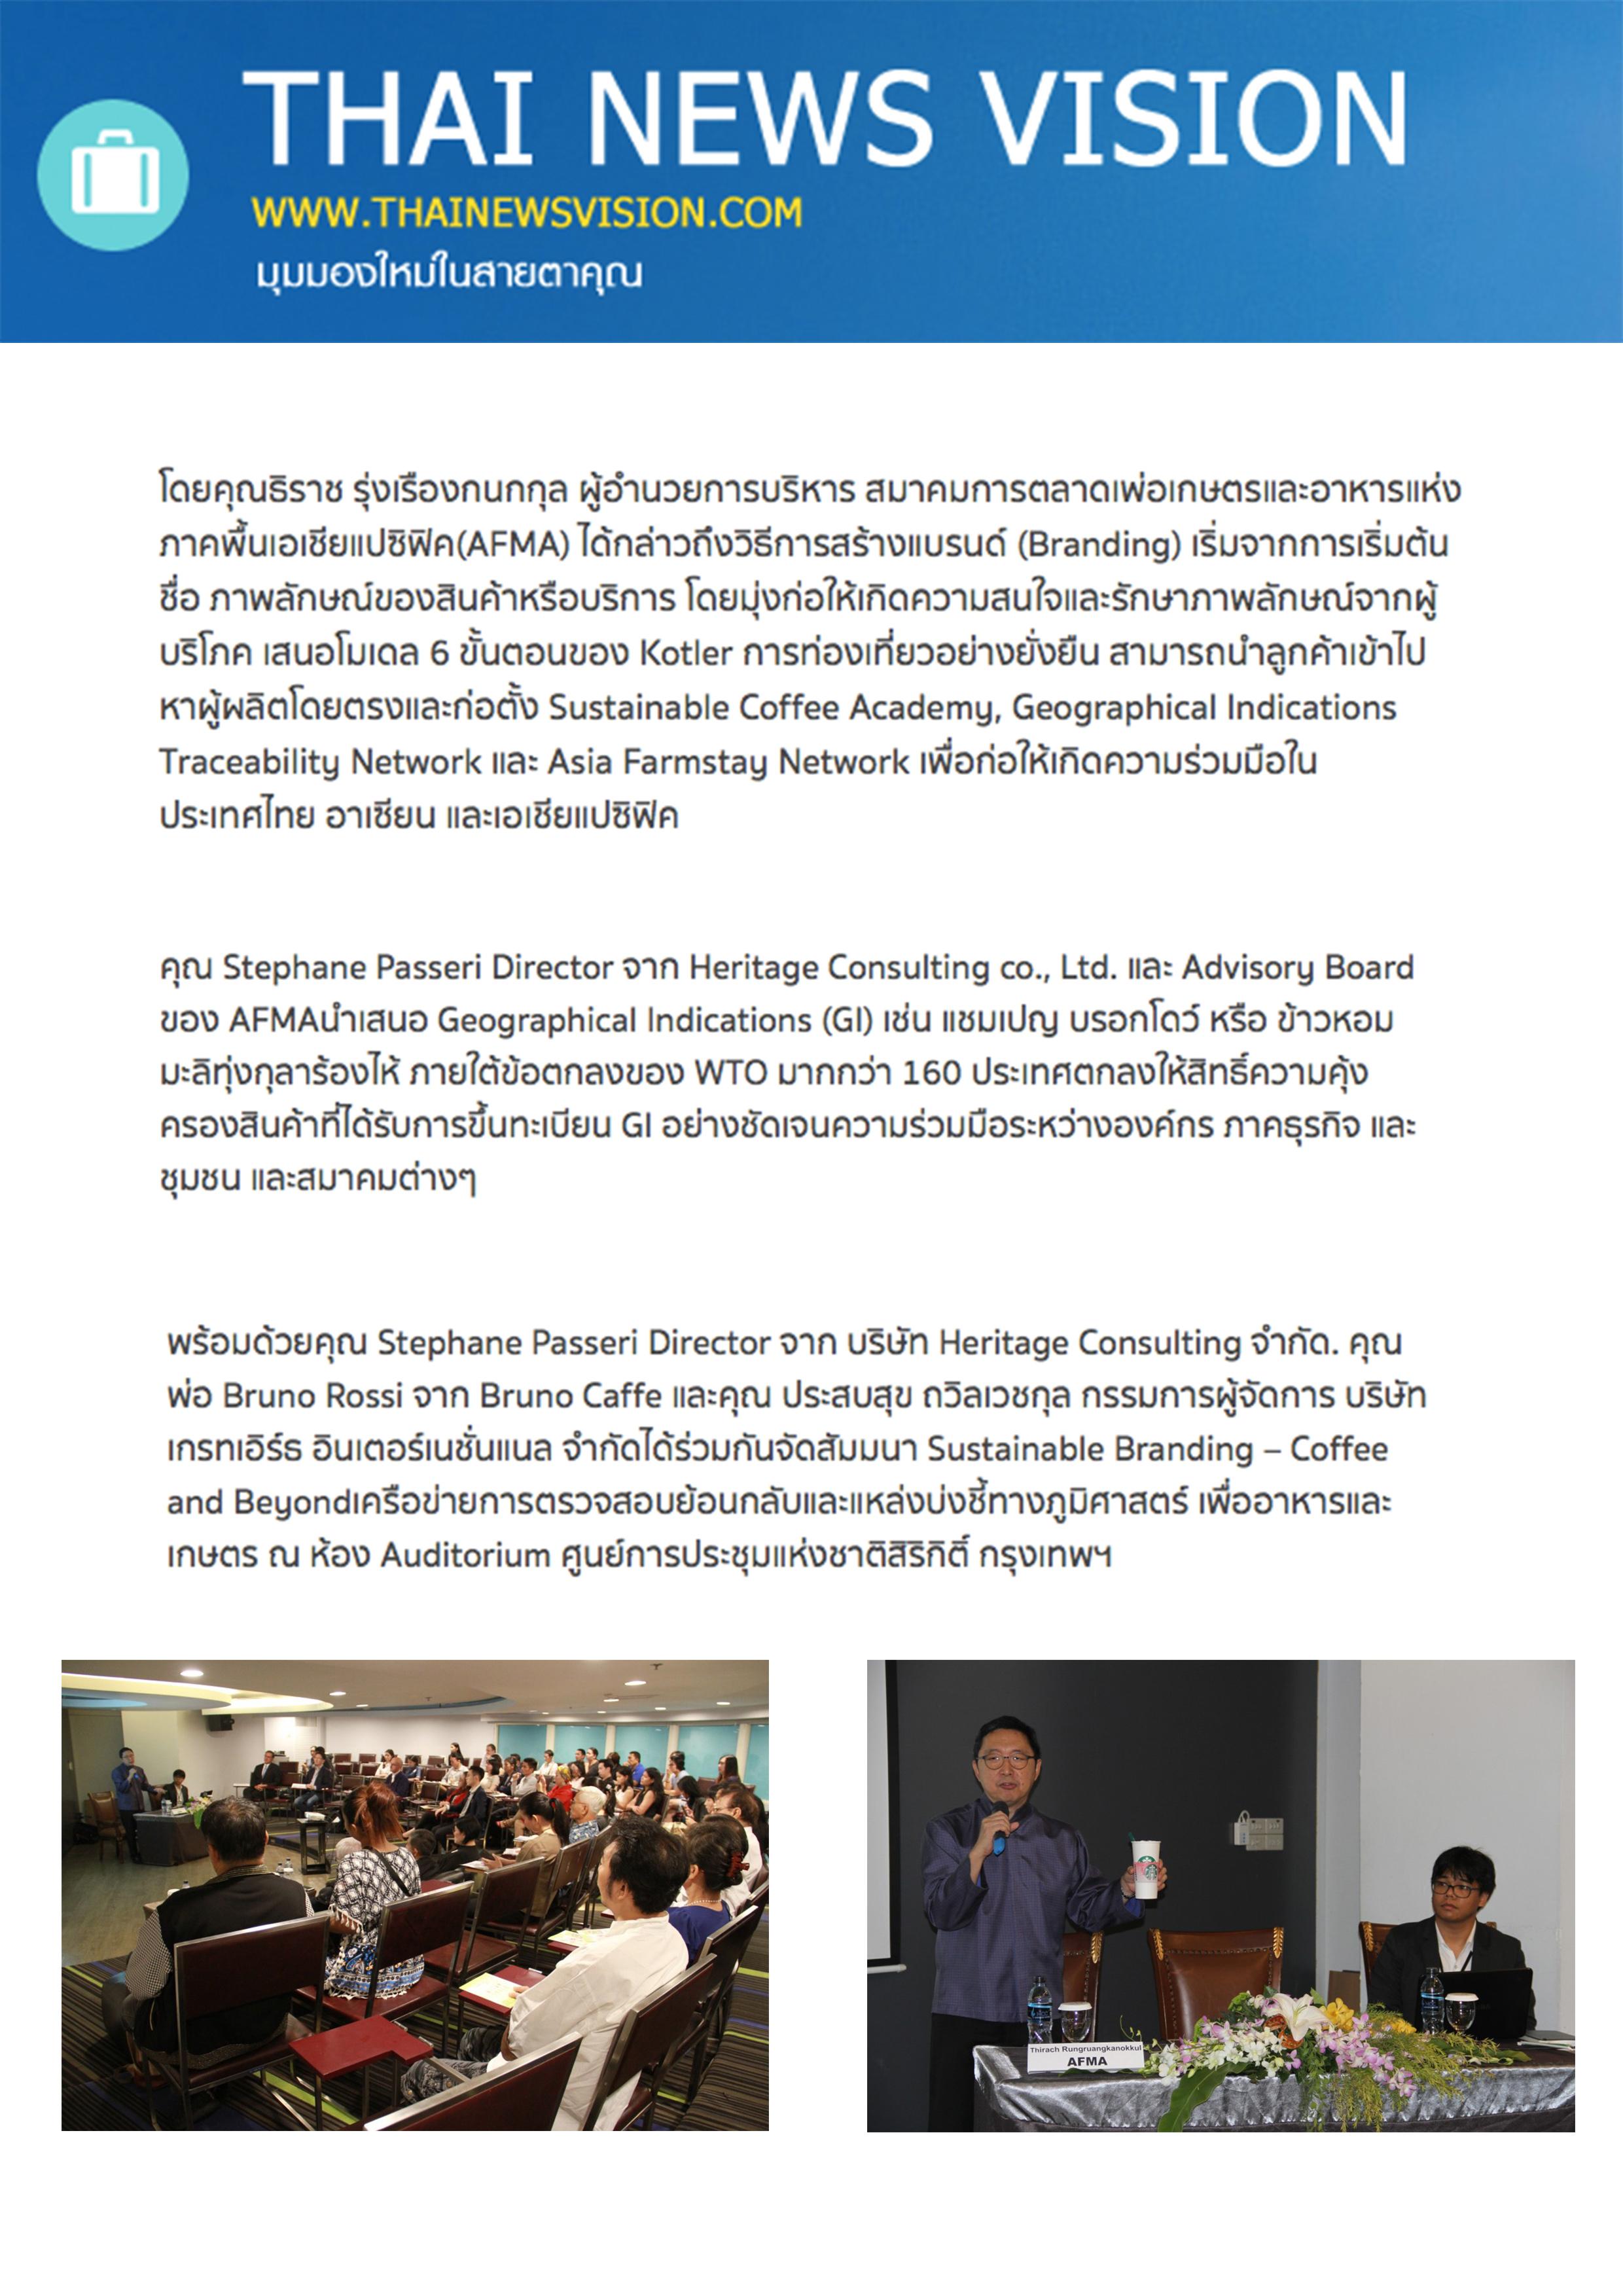 thainewsvision.jpg